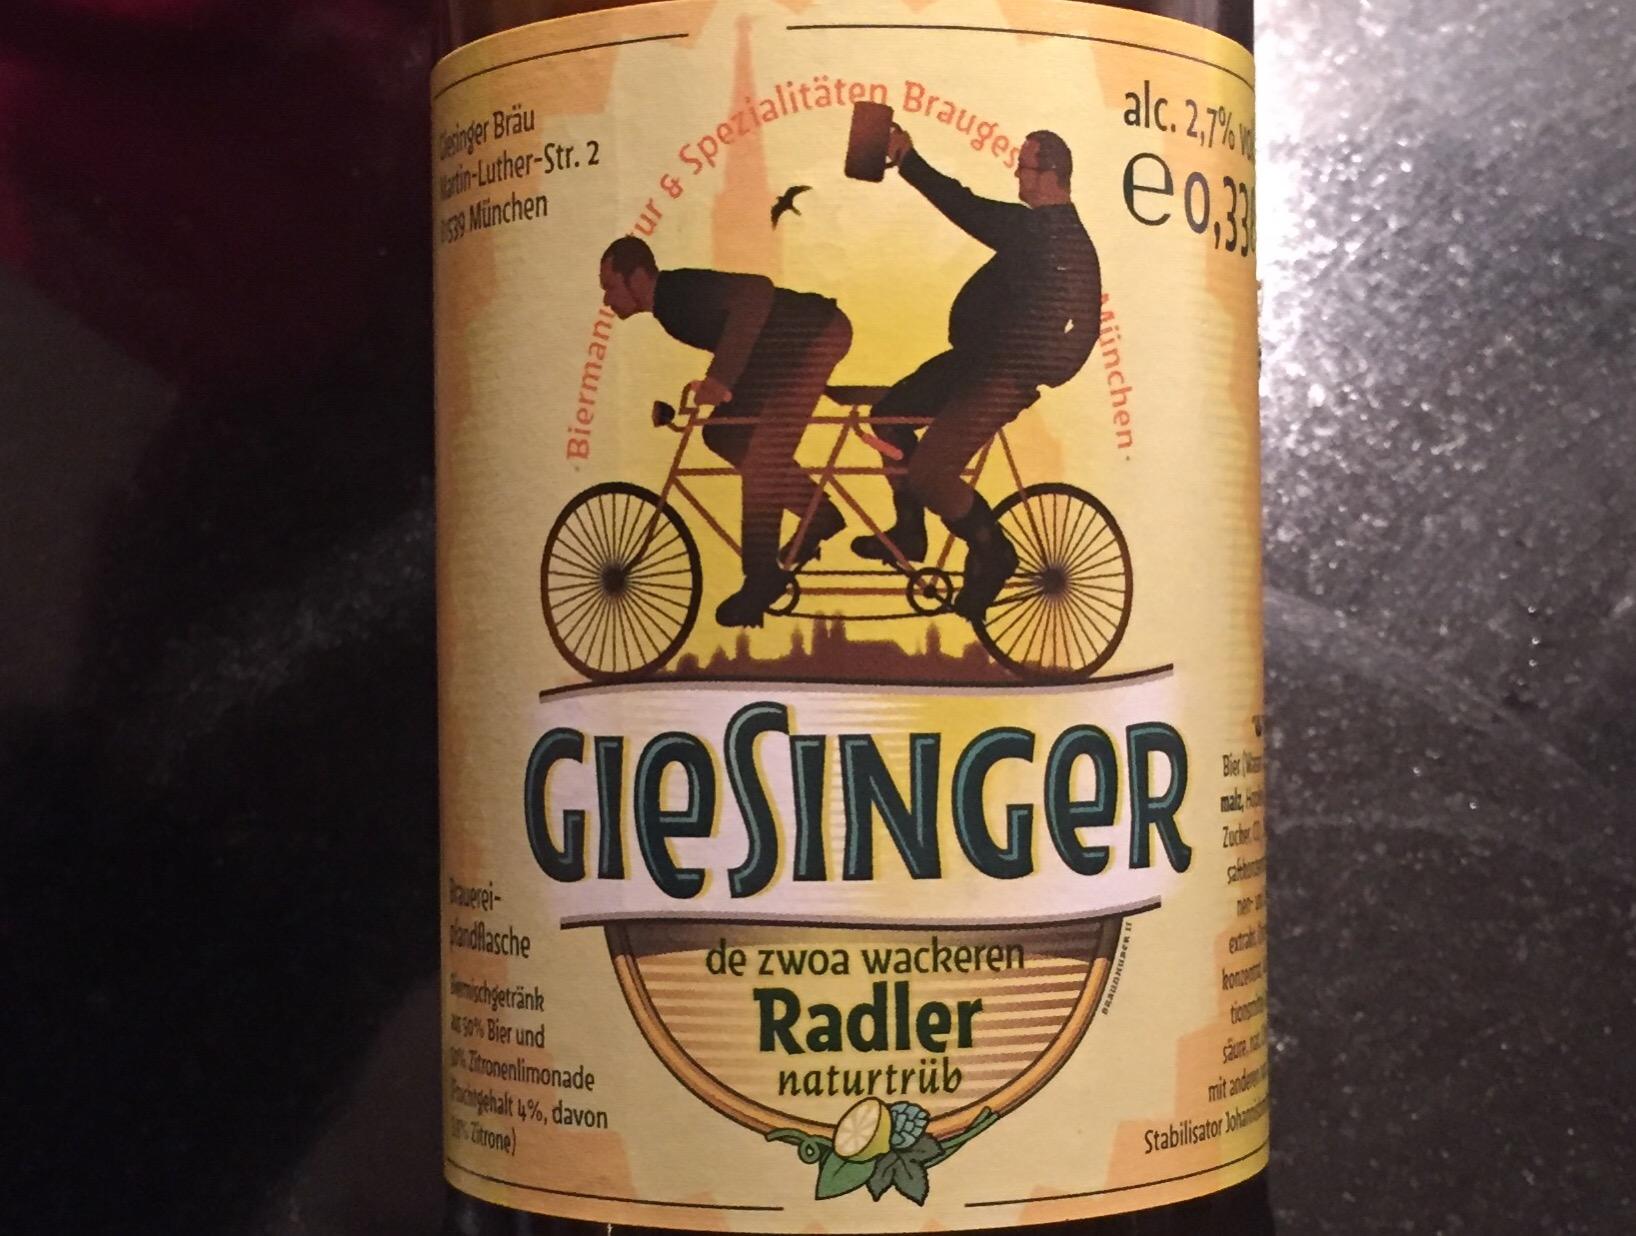 Giesinger - Radler